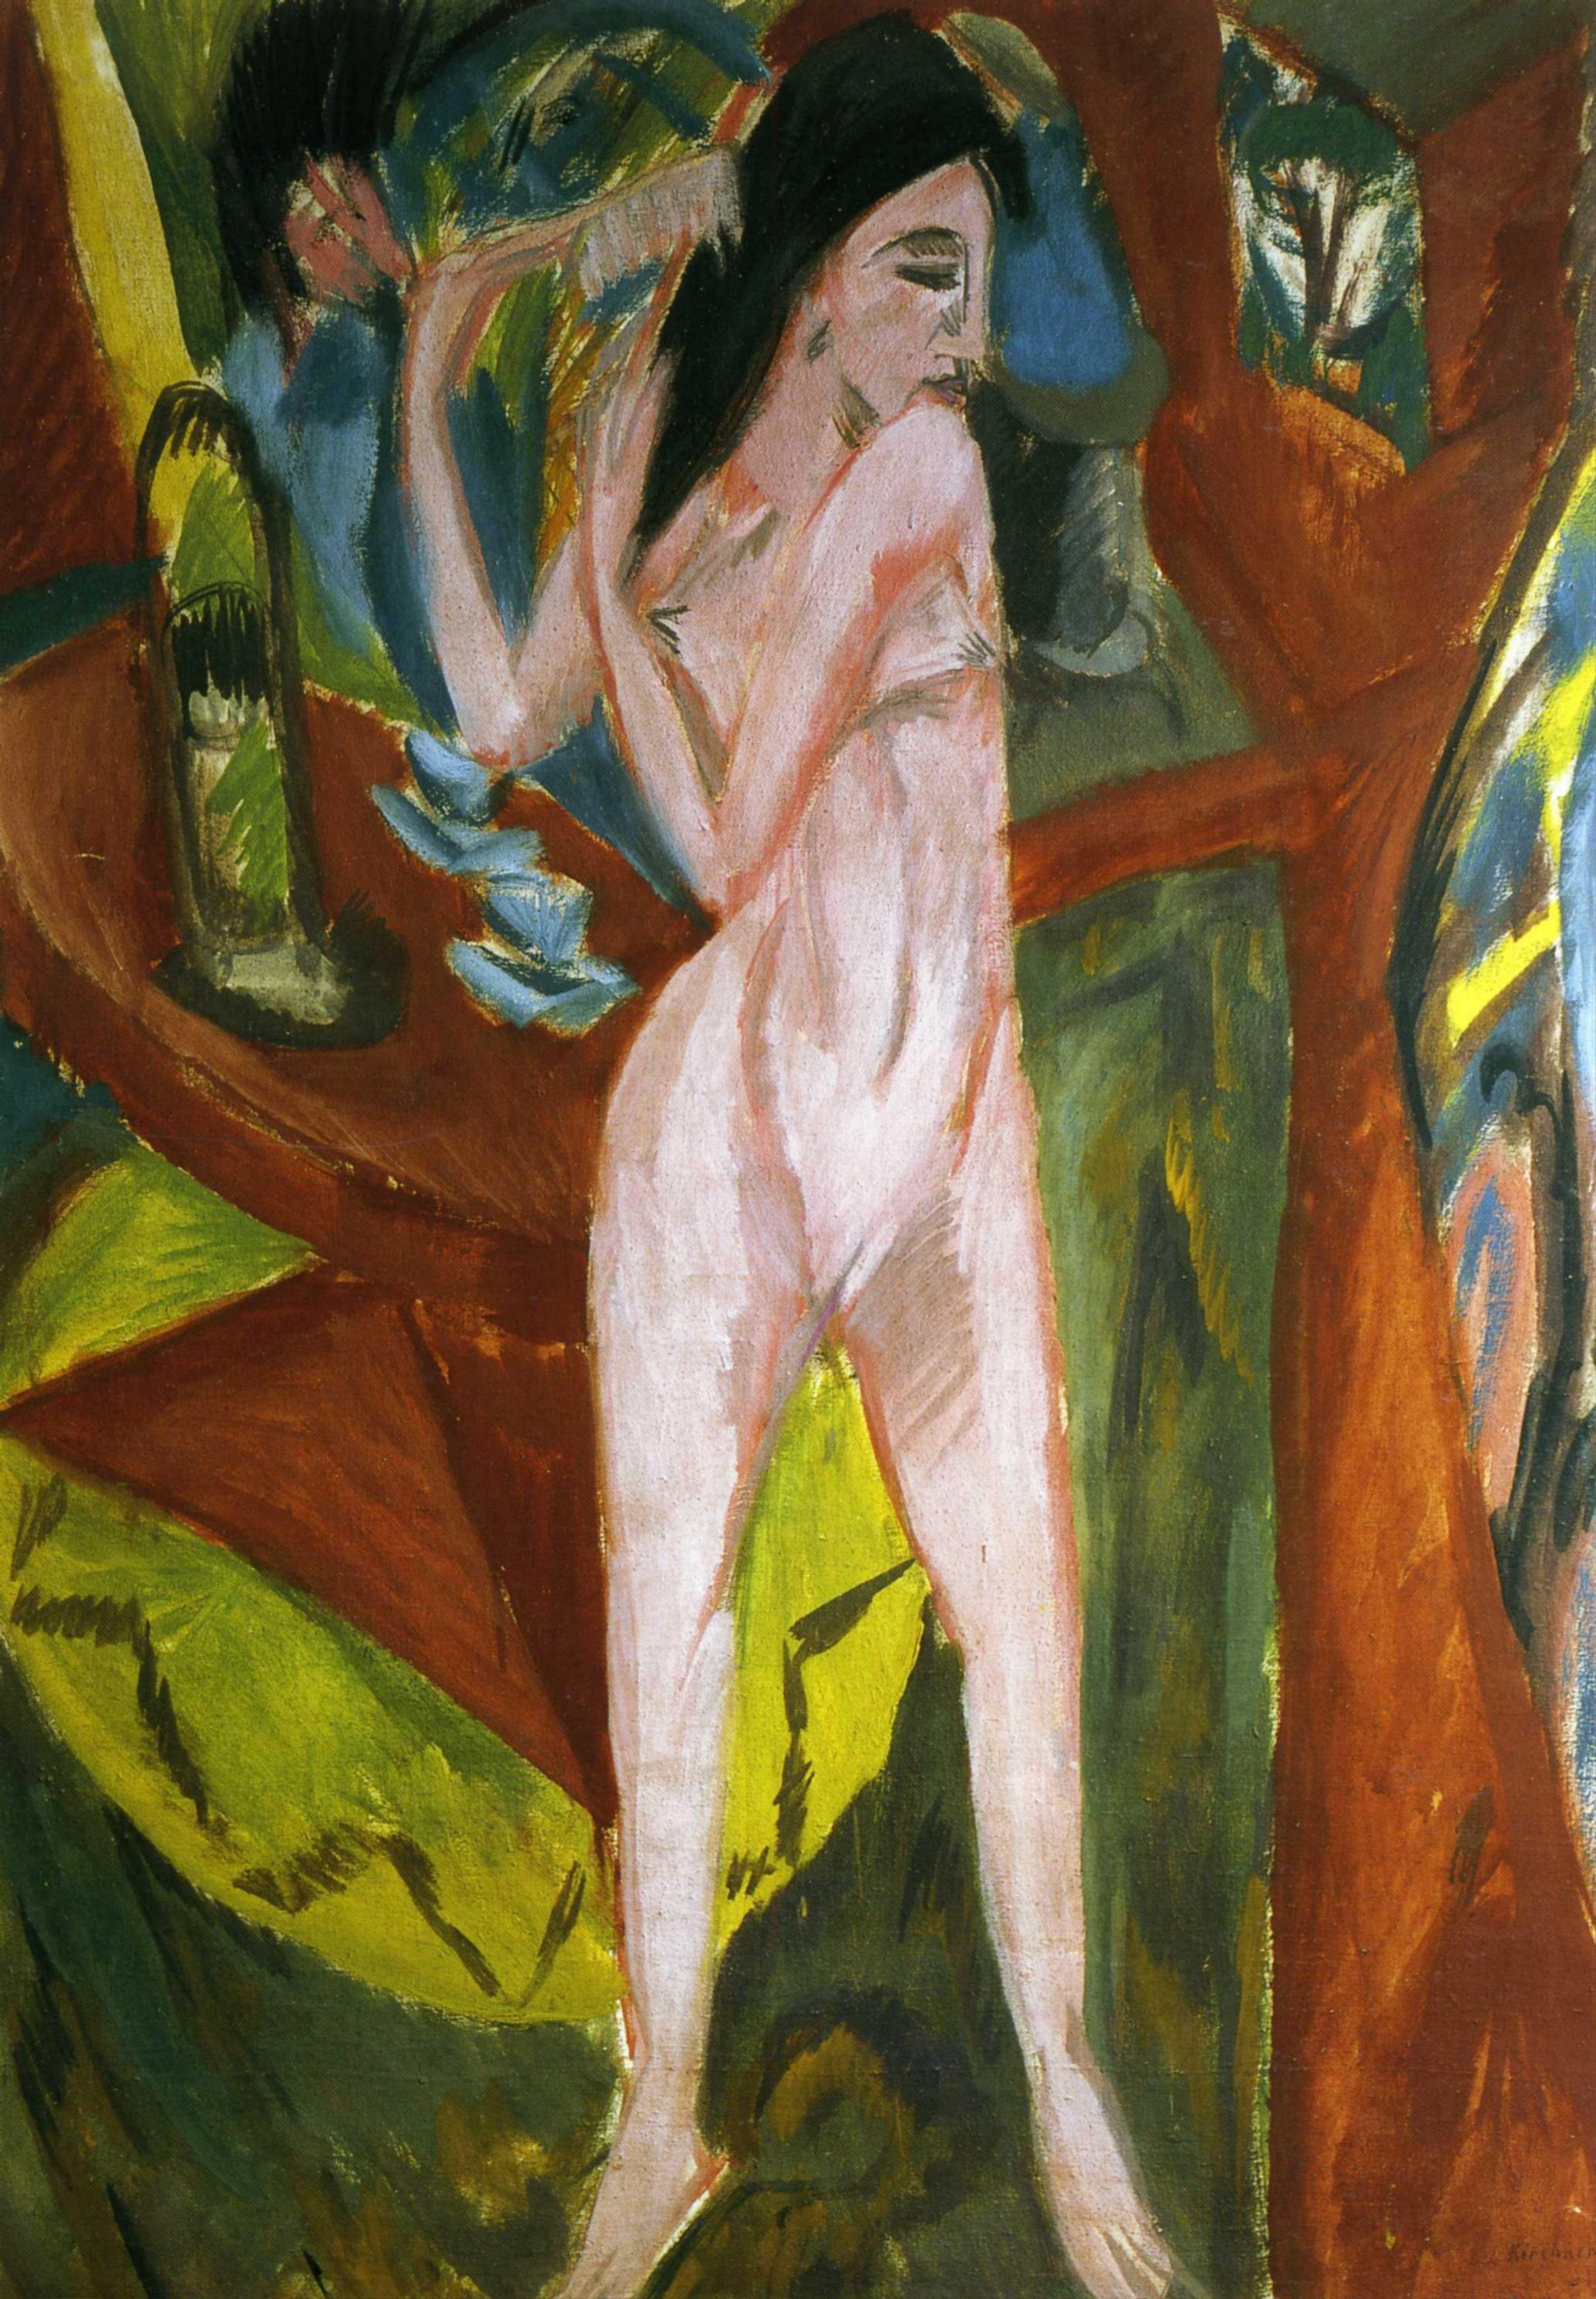 Эрнст Людвиг Кирхнер (1880 — 1938) — немецкий художник, график и скульптор, представитель экспрессионизма. 1913. «Обнаженная»